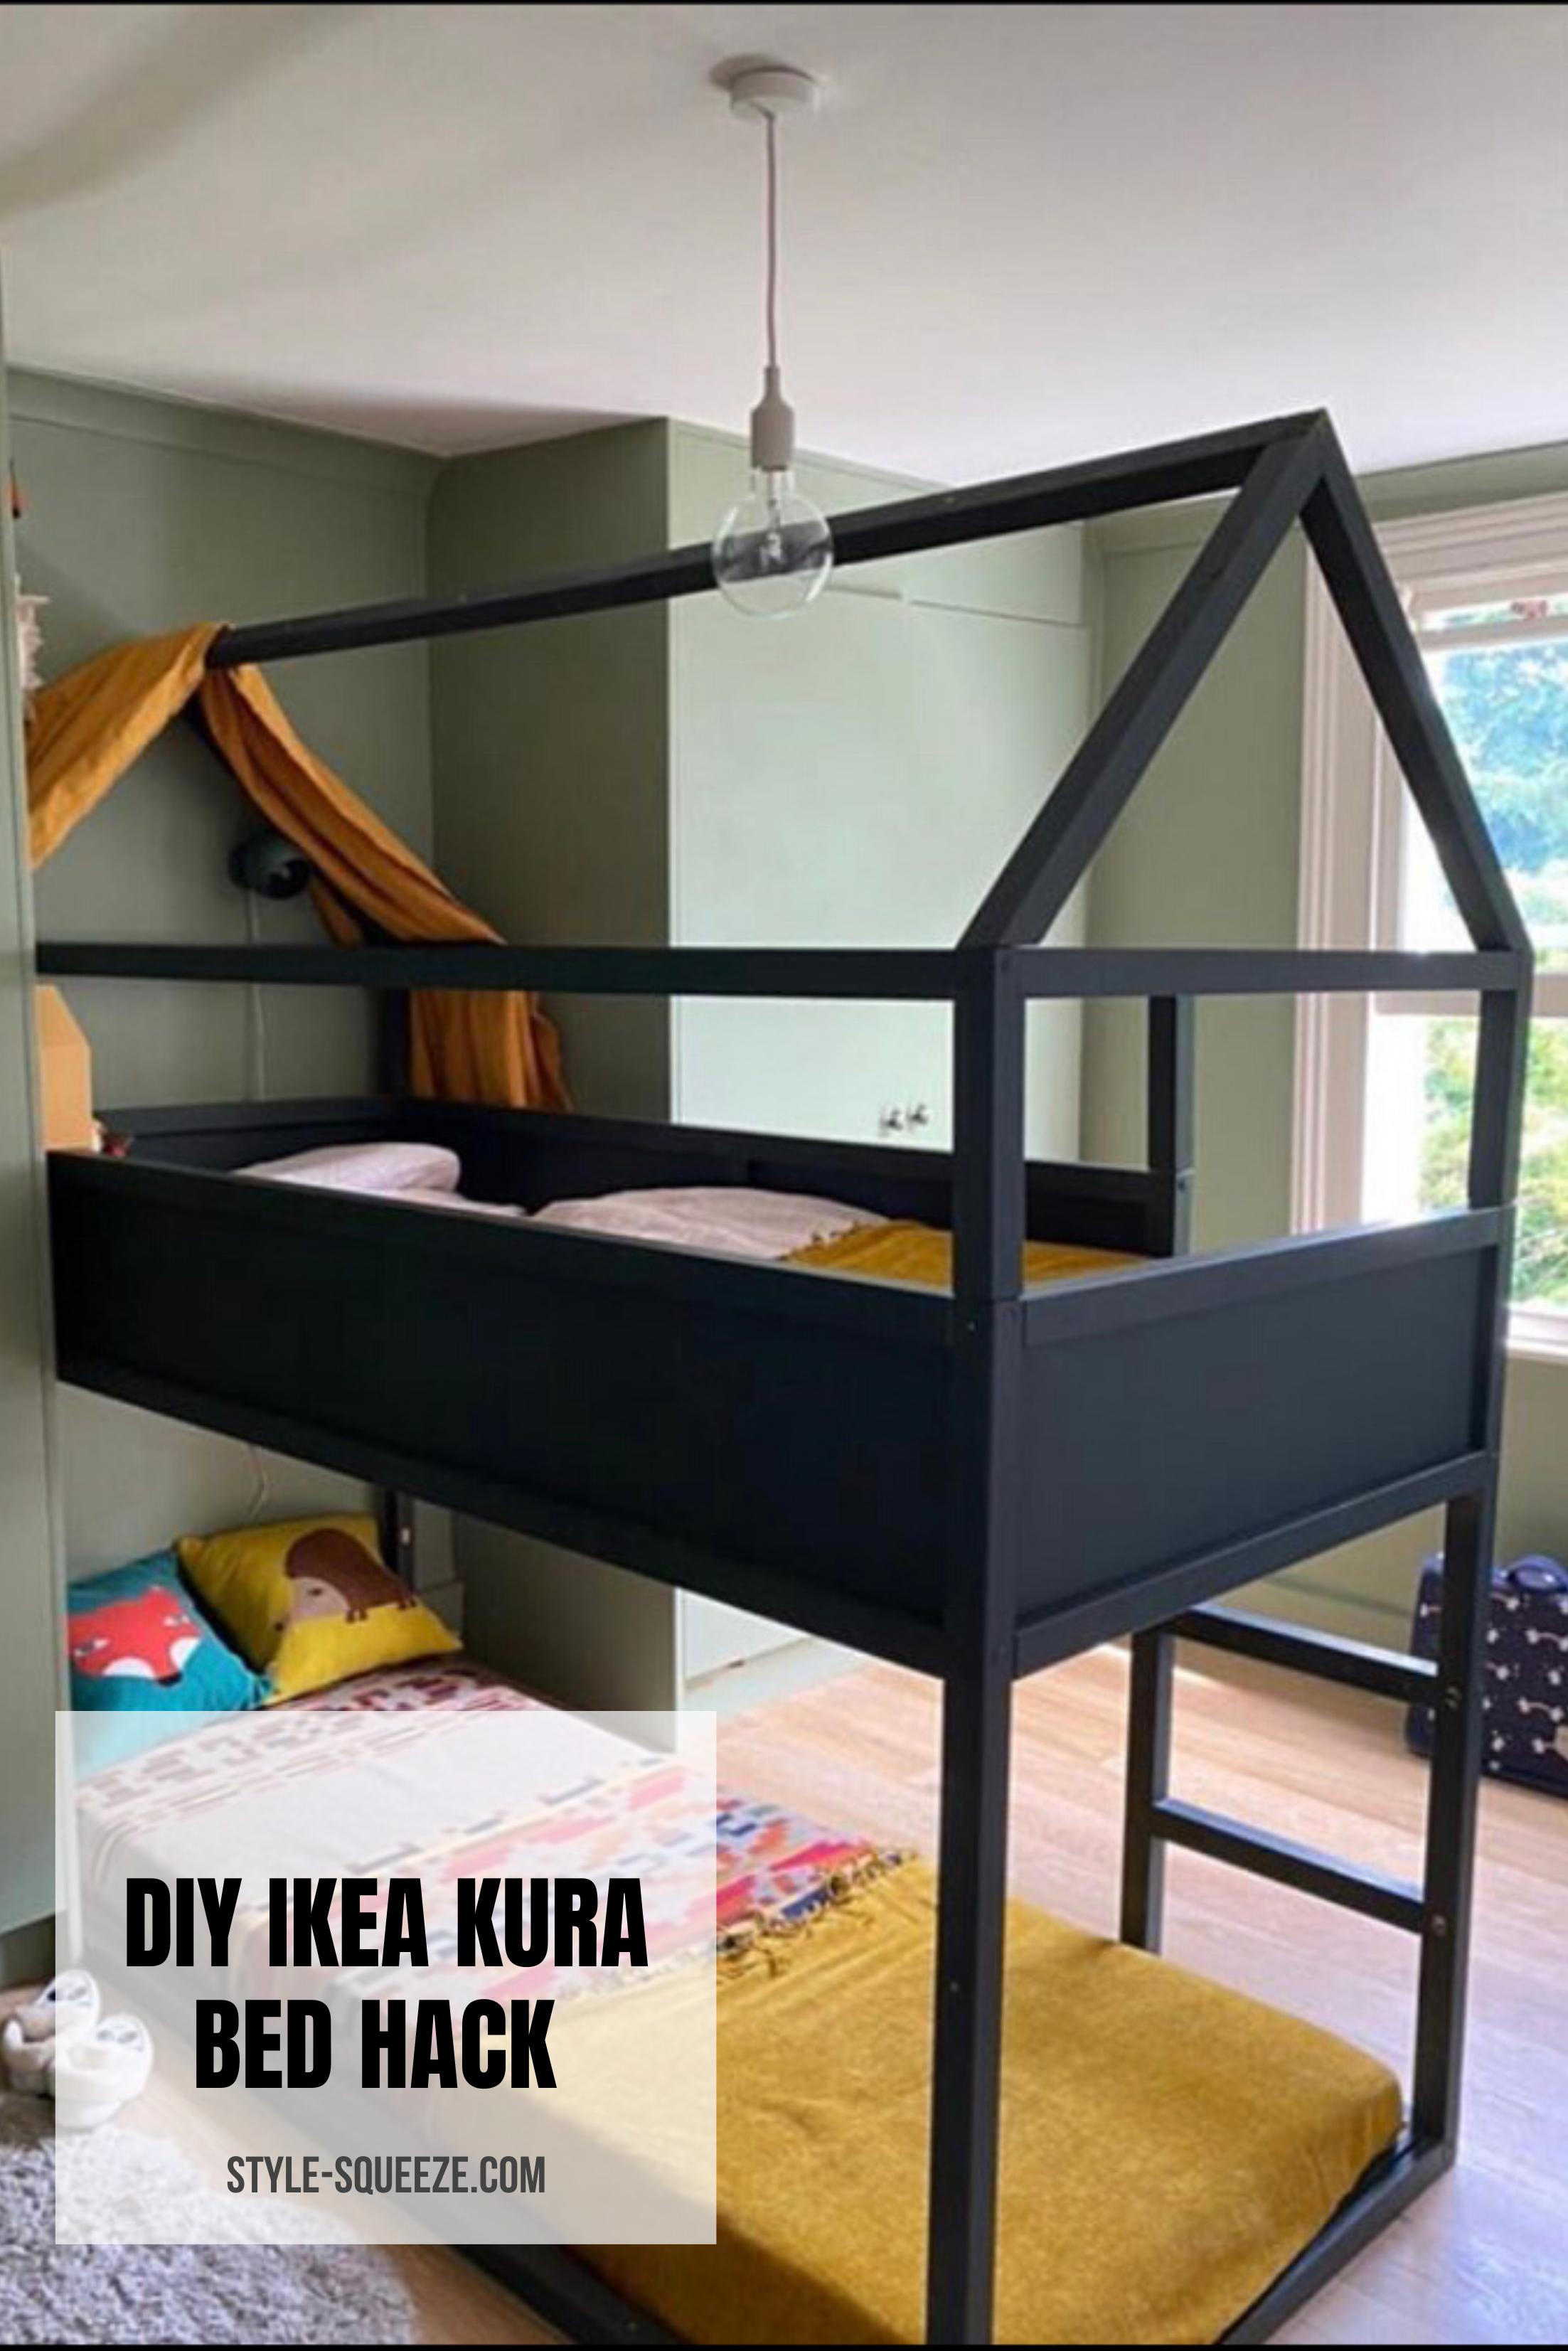 Diy Ikea Kura Bed Hack Style Squeeze